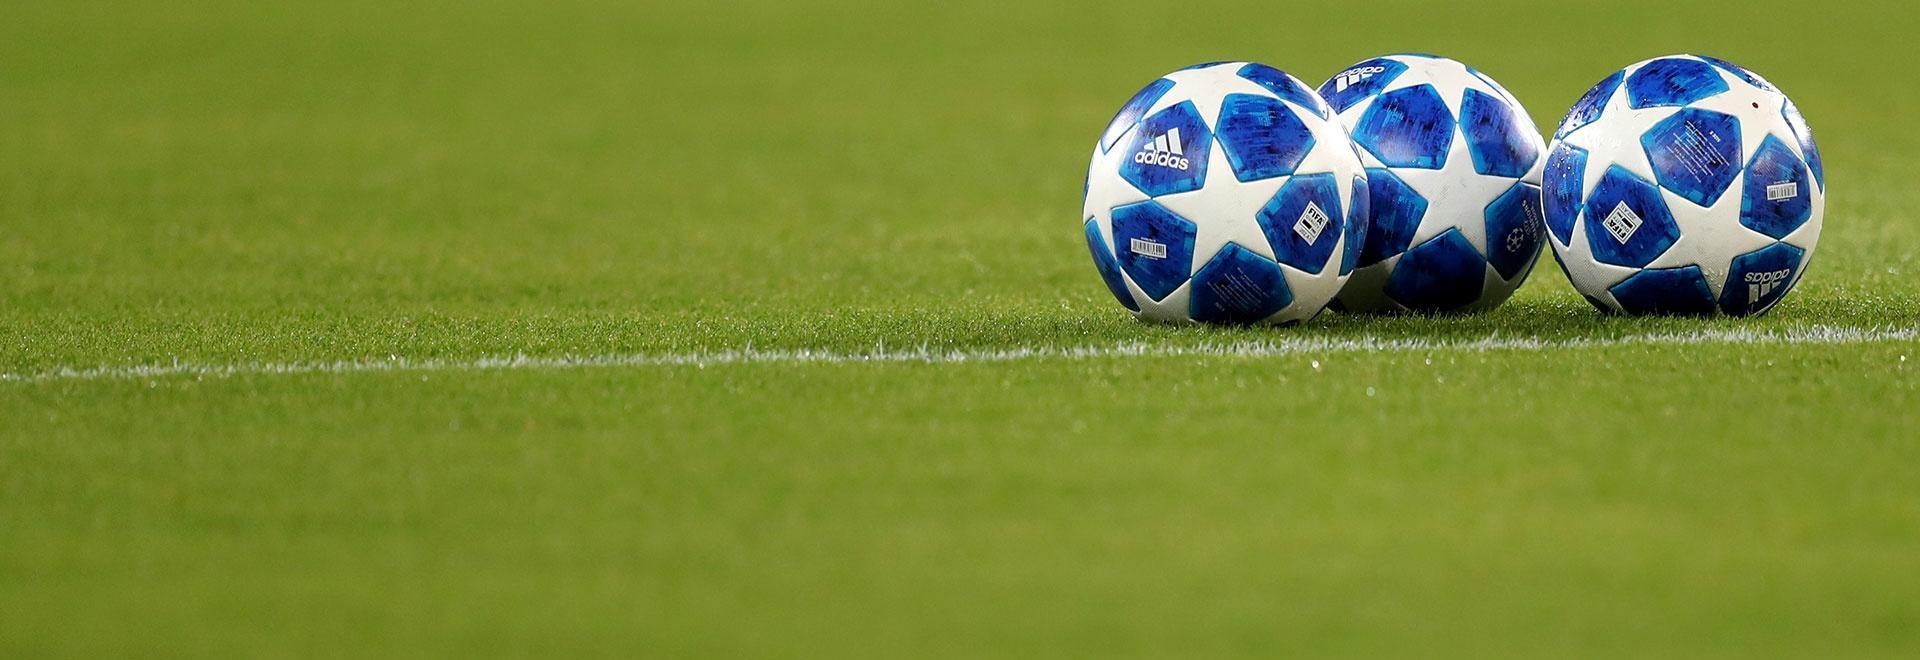 Juventus - Chelsea 10/03/09